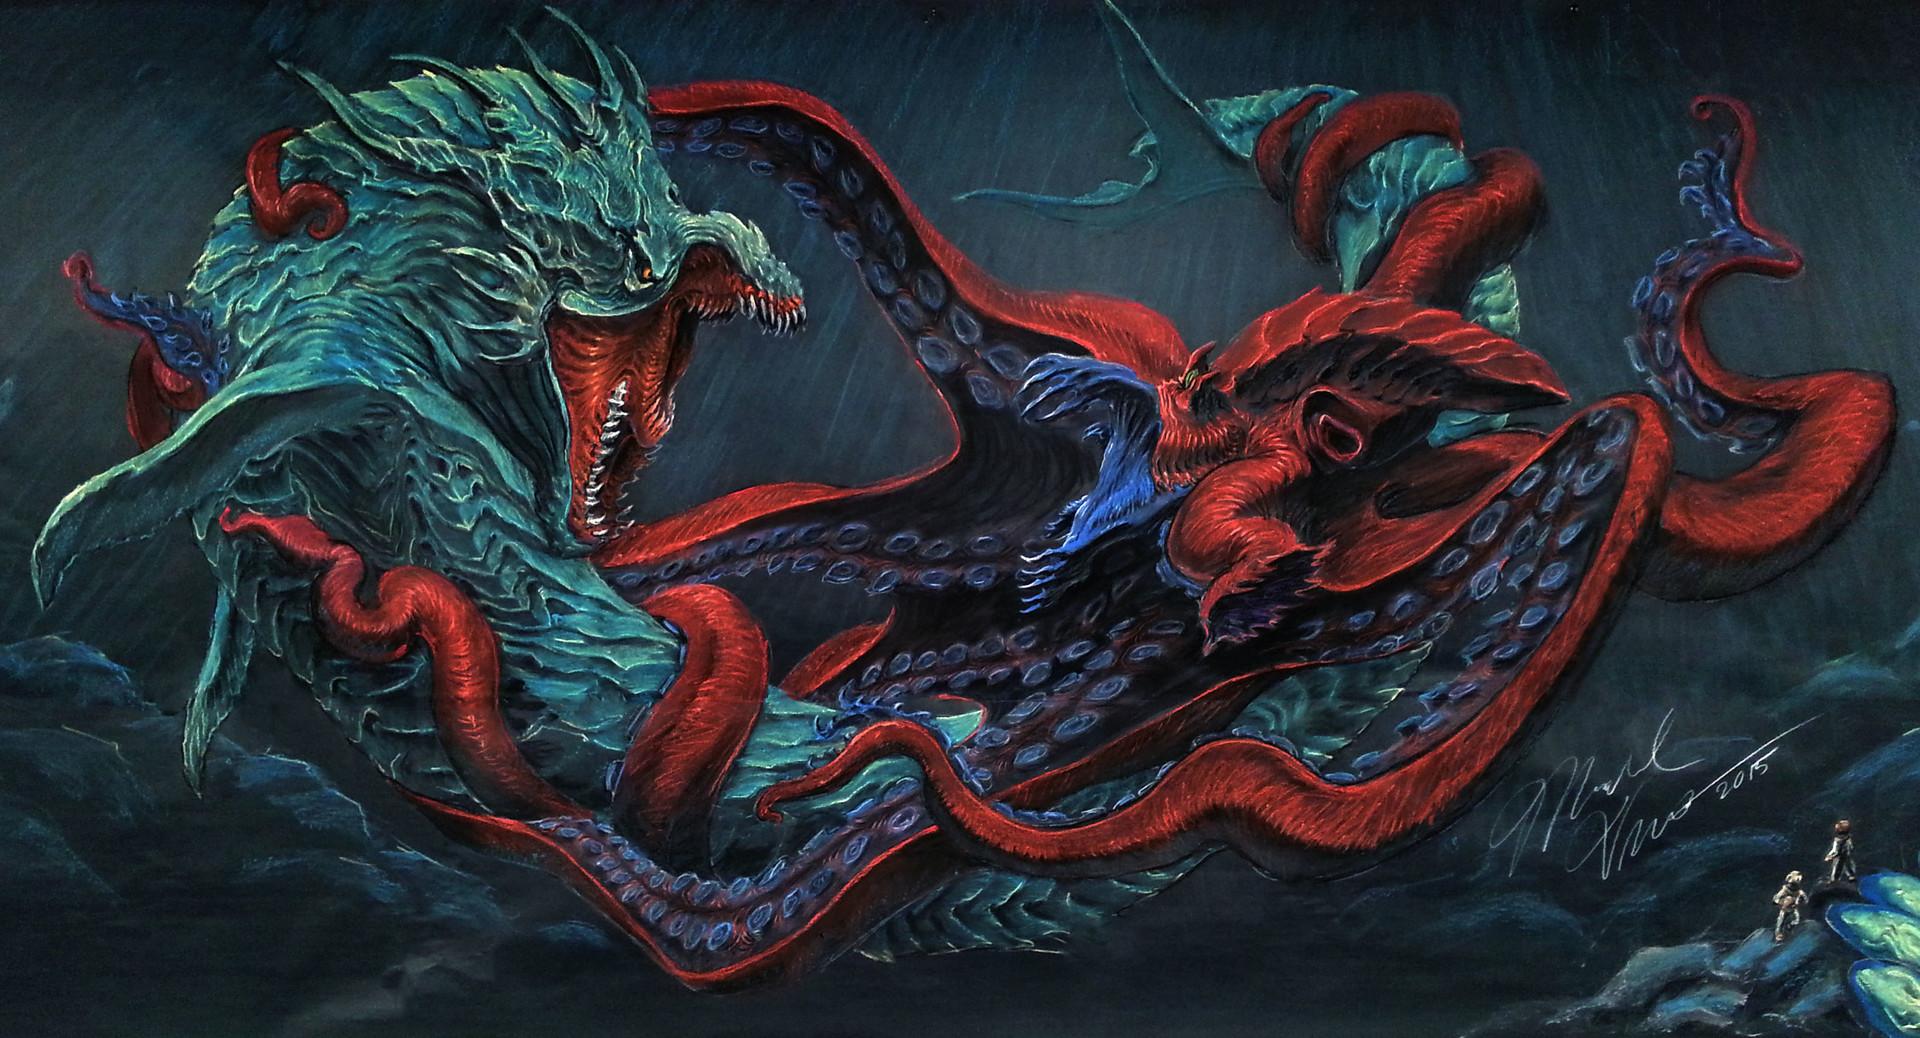 ArtStation - Leviathan v Kraken, Michael Vincent Eppinette